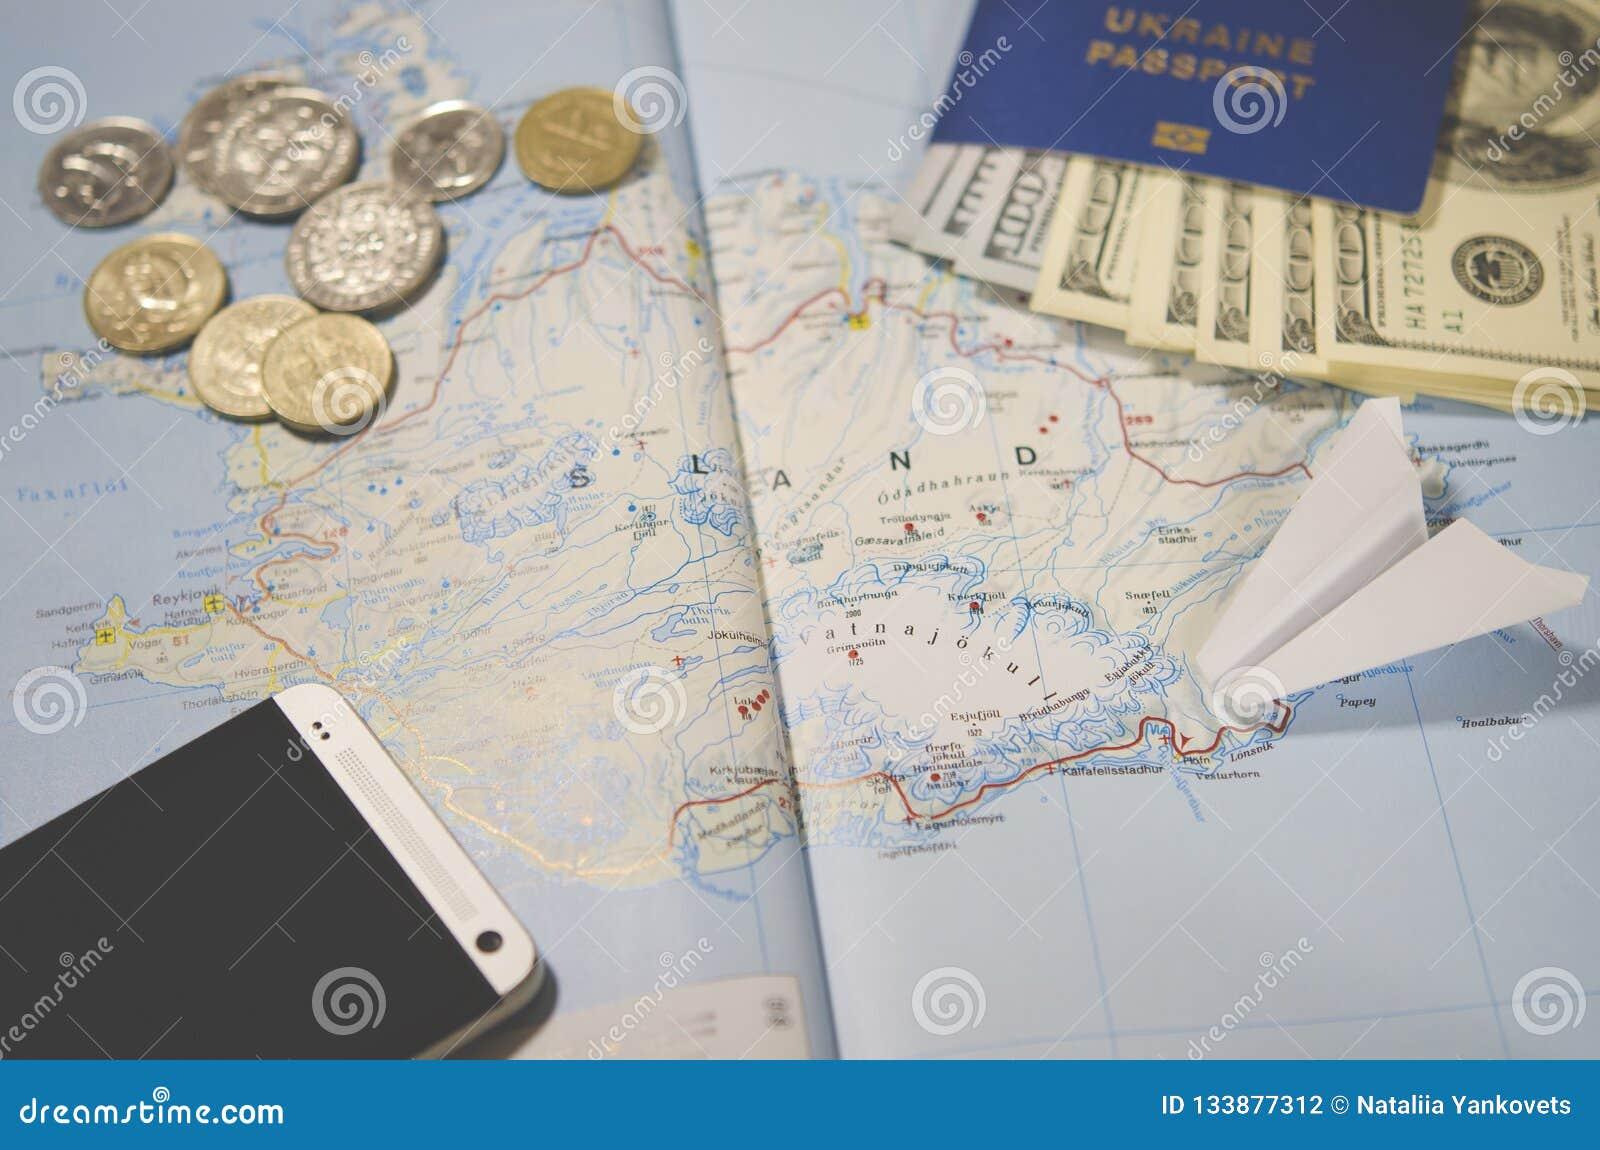 Samolot, smartphone, biometryczny paszport, dolary, monety i karty kredytowe, kłamamy na mapie